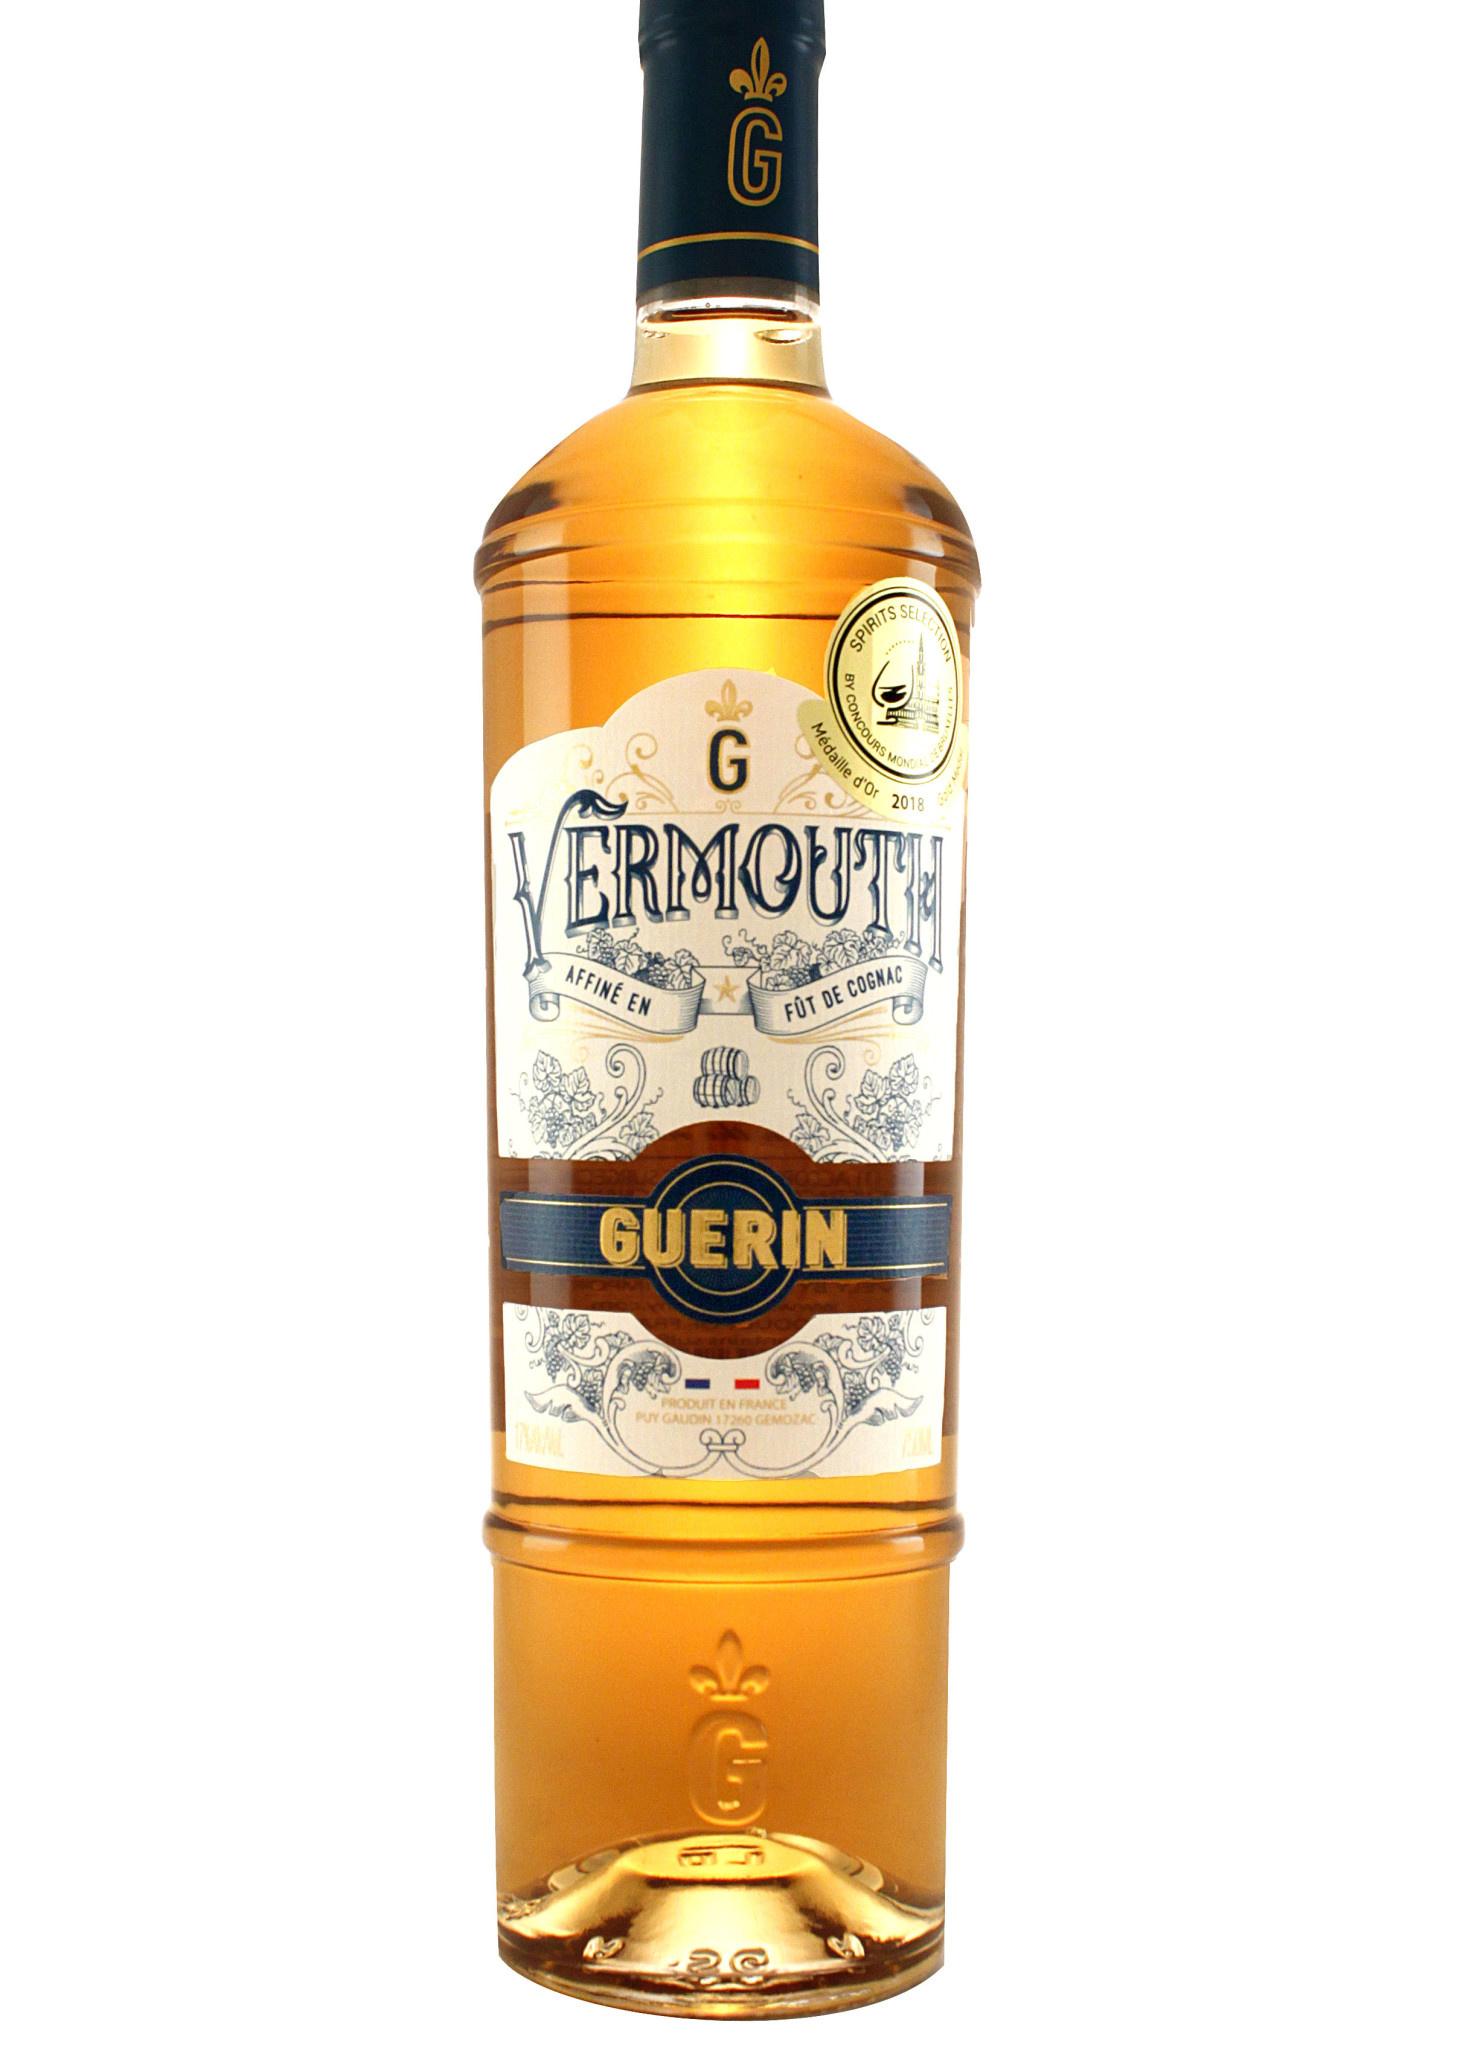 Guerin Vermouth Blanc